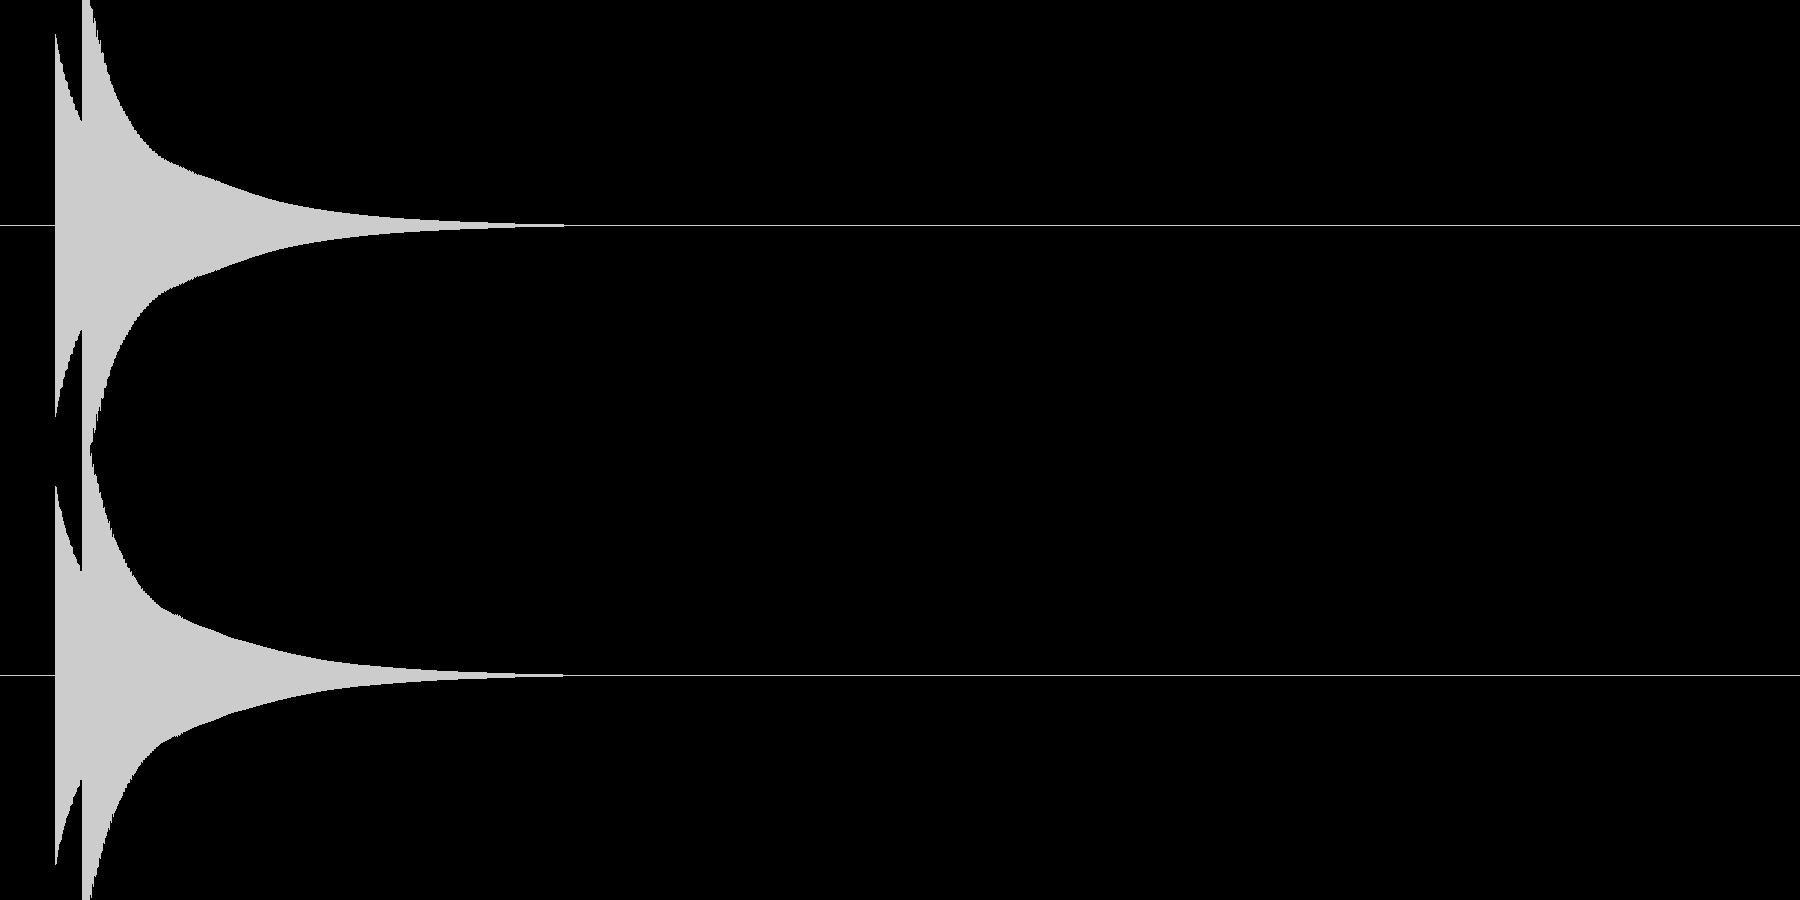 ピコーン(ファミコン ゲーム音)の未再生の波形